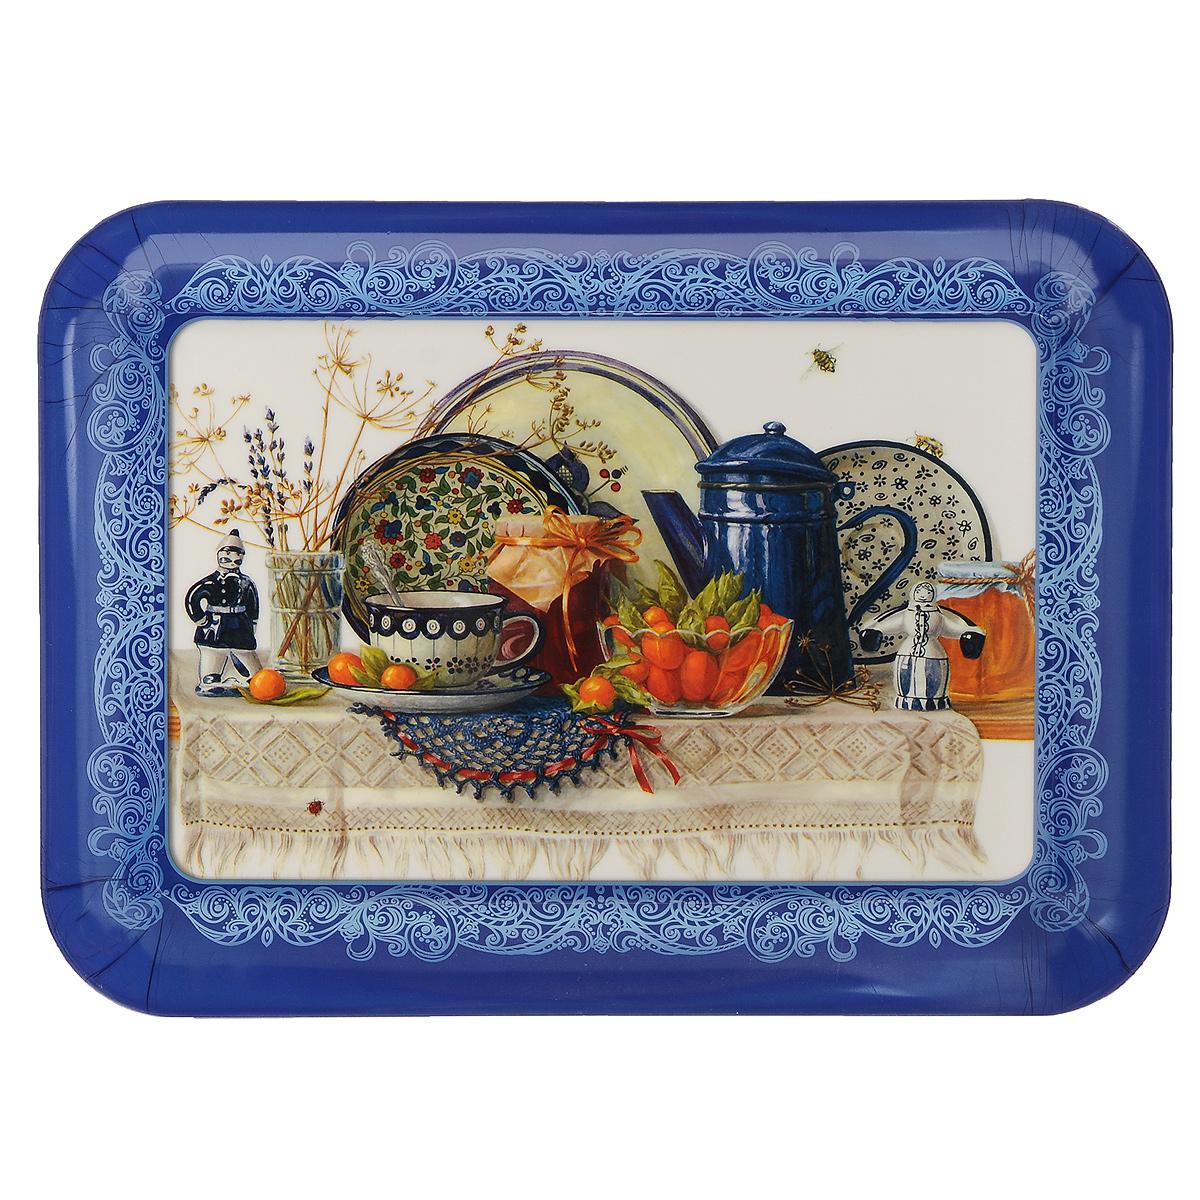 Поднос Натюрморт, 35,5 см х 25,5 см37398Прямоугольный поднос Натюрморт изготовлен из высококачественного полипропилена и оформлен красочным изображением посуды. Поднос оснащен высокими бортиками, благодаря которым его удобно переносить. Может использоваться как для сервировки, так и для декора кухни. Поднос прекрасно дополнит интерьер и добавит в обычную обстановку нотки романтики и изящества. Размер подноса: 35,5 см х 25,5 см х 2 см.